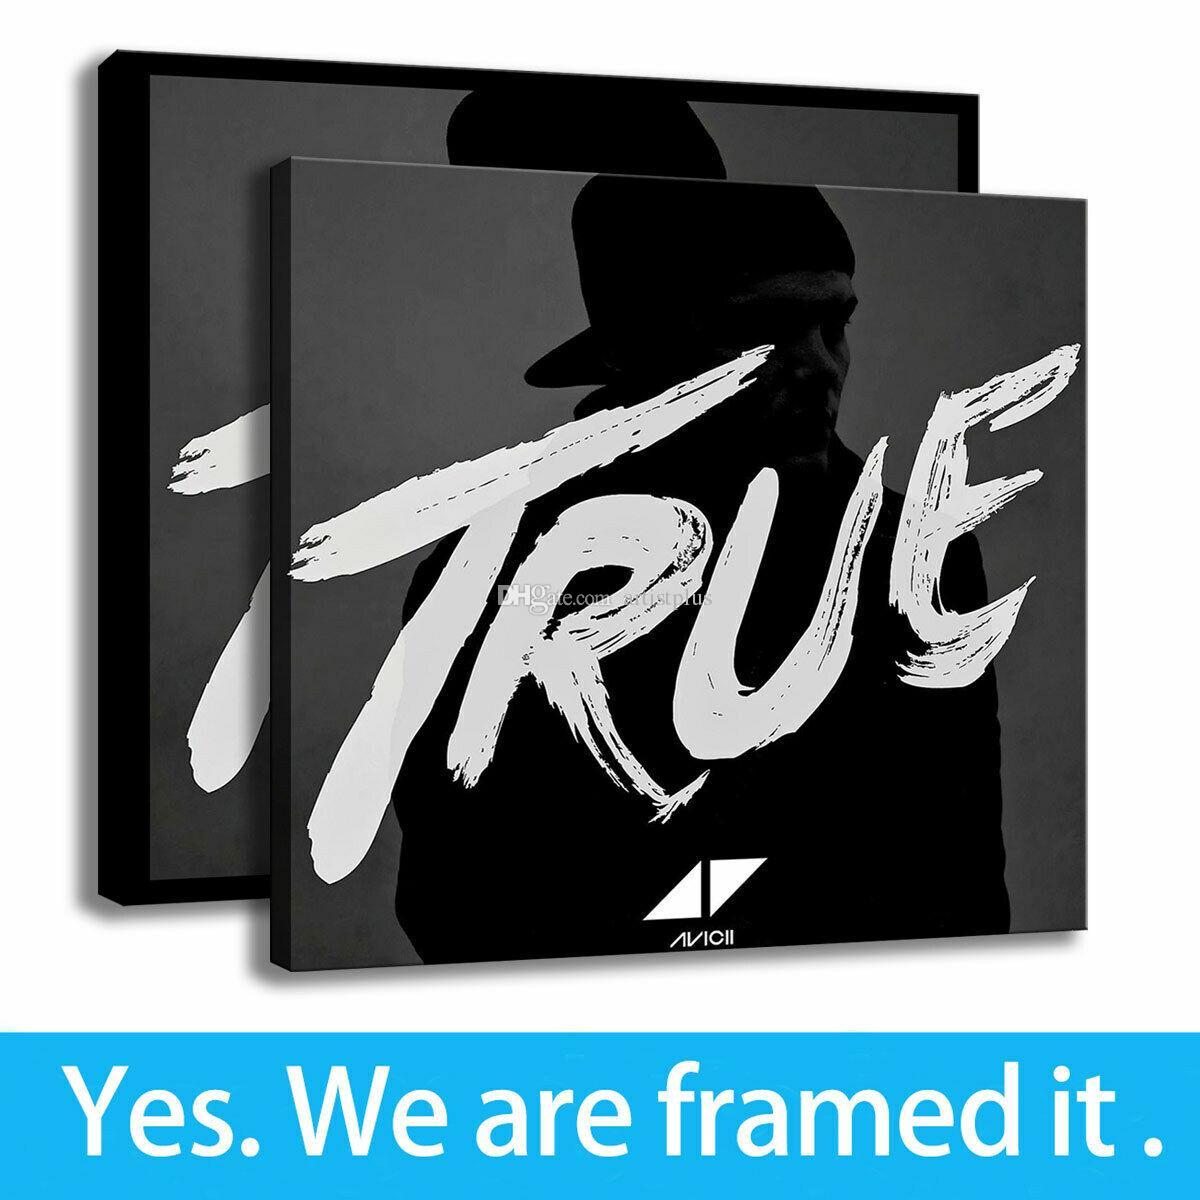 Avicii vera arte su tela Lettera HD stampabile Ufficio di Deco della parete creativo pittura artistica con cornice - pronta per essere appesa - Supporto di personalizzazione